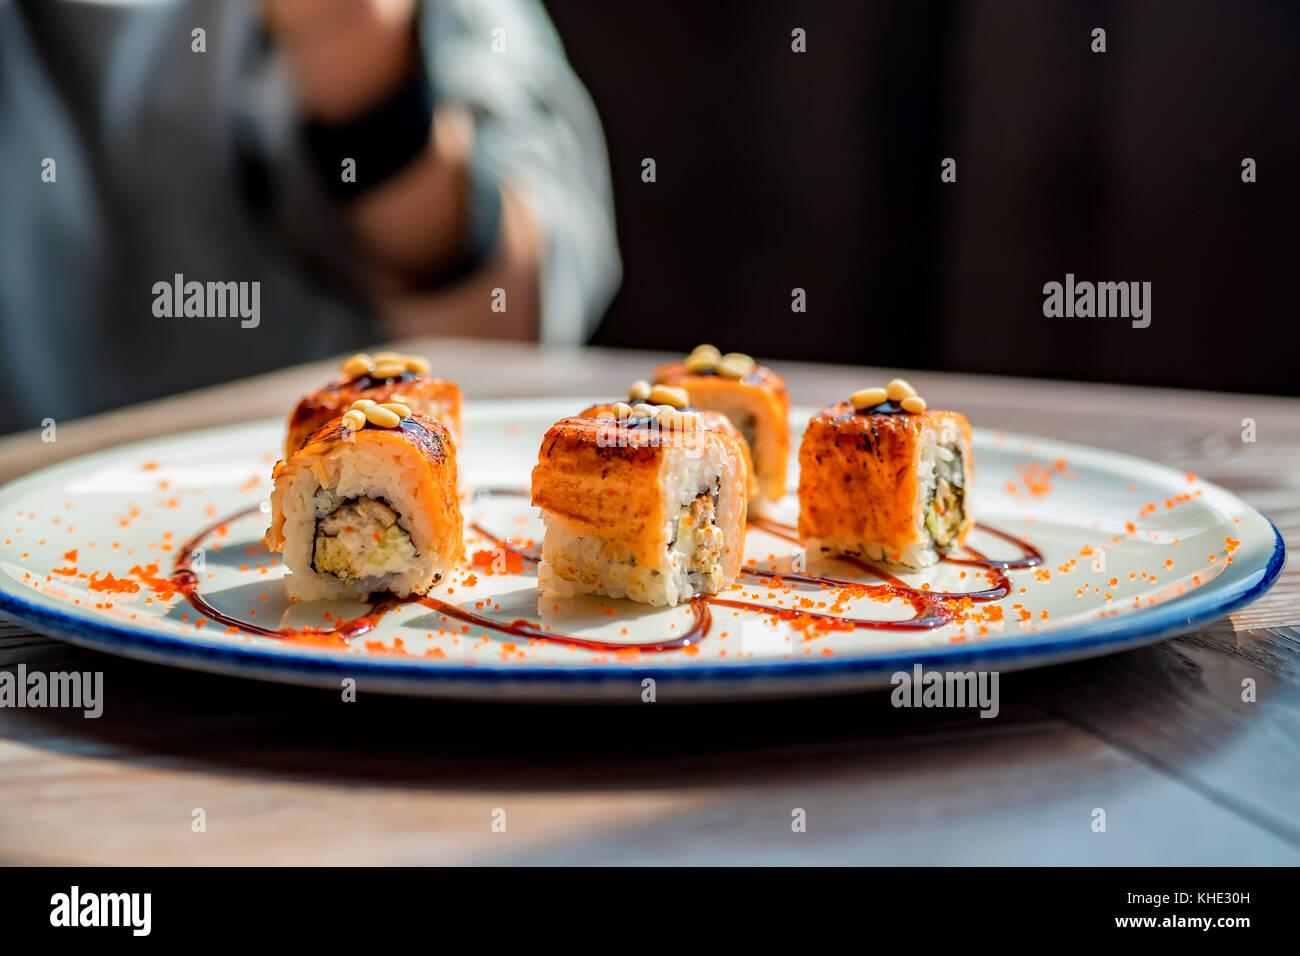 Fotógrafo toma alimentos picure de rollos de sushi Imagen De Stock